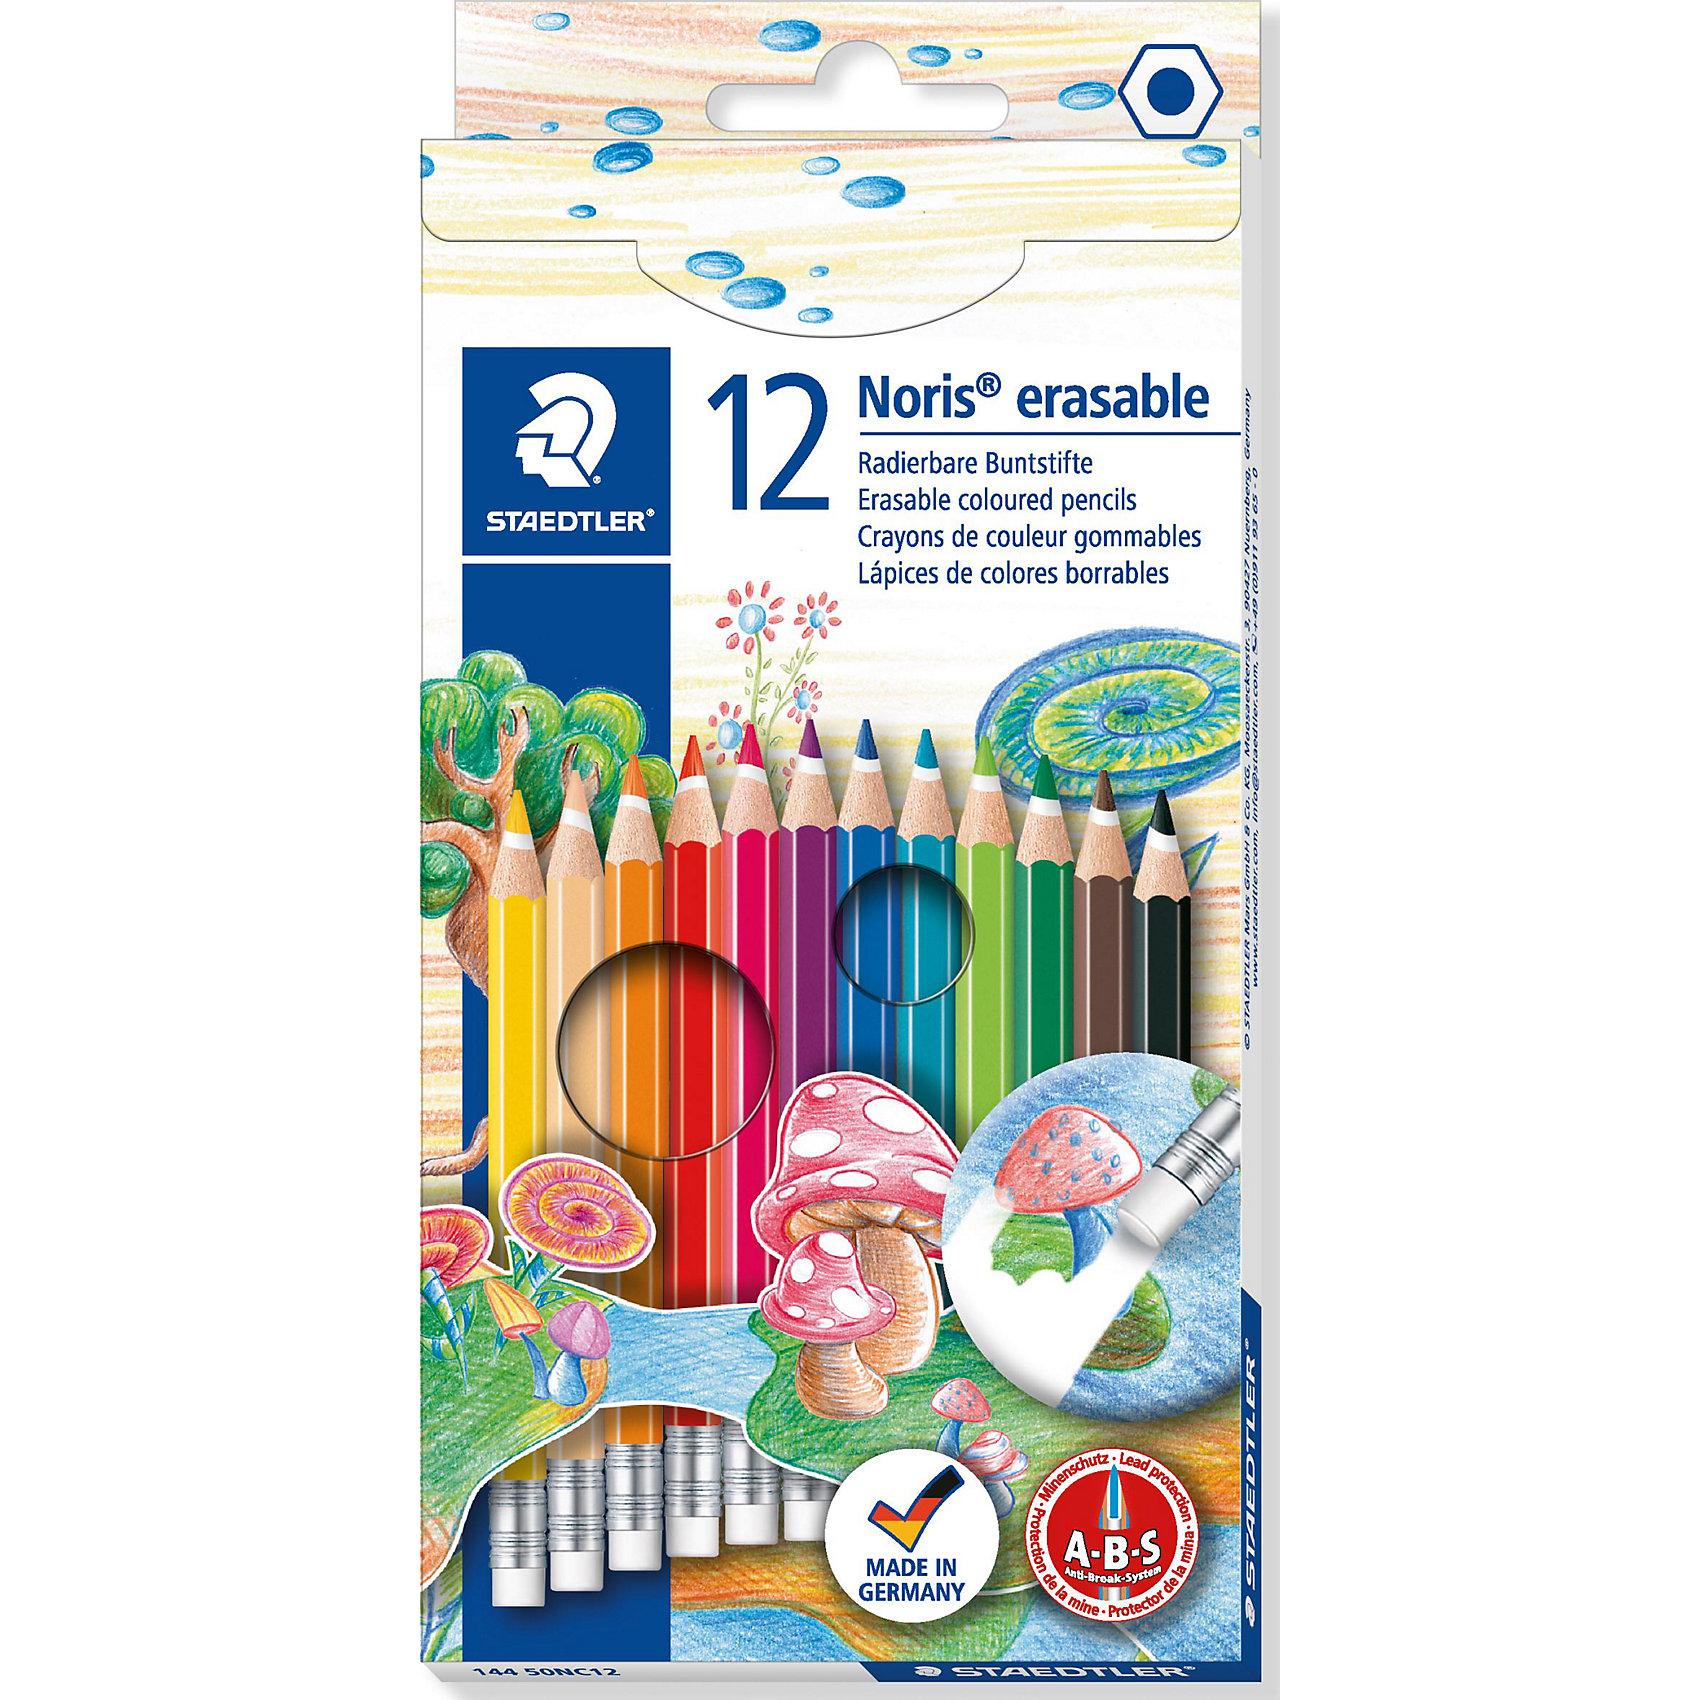 Цветные карандаши NorisClub, 12 цв.Рисование<br>Набор цветных карандашей Noris Club классической шестигранной формы с ластиком.  Небольшие ошибки могут быть мгновенно исправлены с помощью ластика без ПВХ. Картонная коробка. Содержит 12 цветов. A-B-C - белое защитное покрытие для укрепления грифеля и для защиты от поломки. Очень мягкий и яркий грифель. При призводстве используется древесина сертифицированных и  специально подготовленных лесов.<br><br>Ширина мм: 196<br>Глубина мм: 96<br>Высота мм: 10<br>Вес г: 81<br>Возраст от месяцев: 72<br>Возраст до месяцев: 1188<br>Пол: Унисекс<br>Возраст: Детский<br>SKU: 3150955